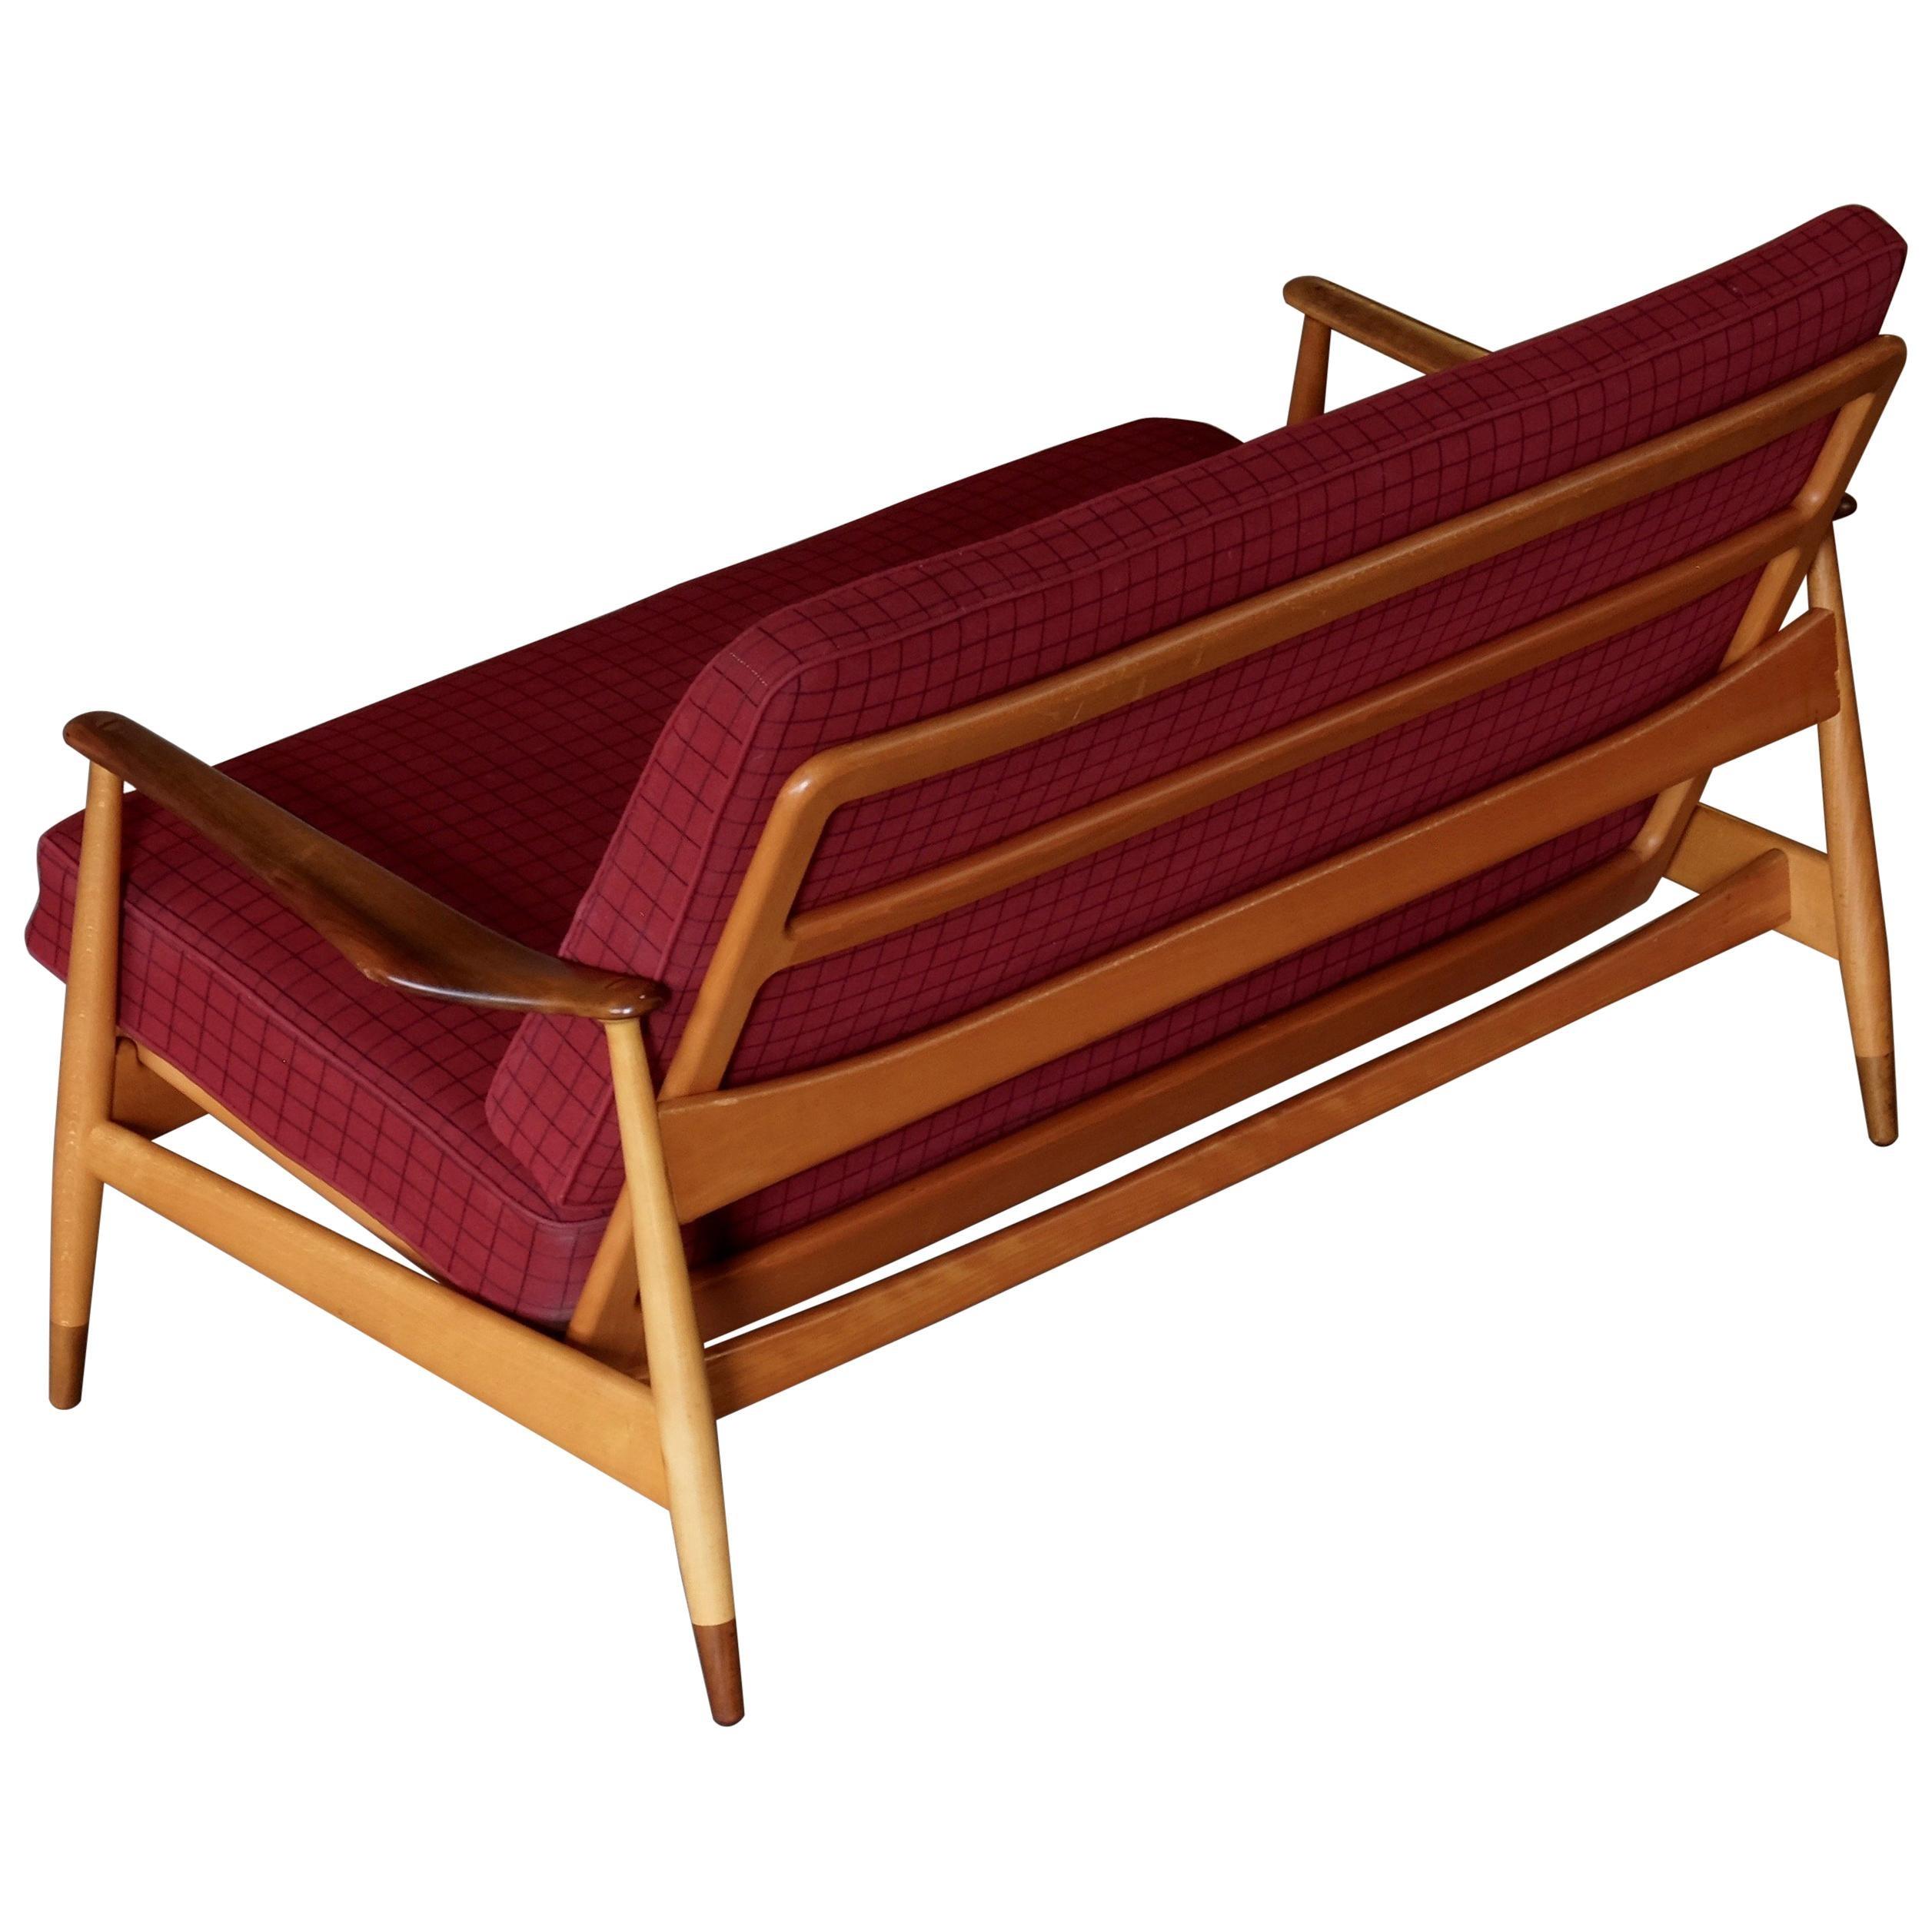 Arne Vodder 2-Seat Sofa, Denmark, 1950s